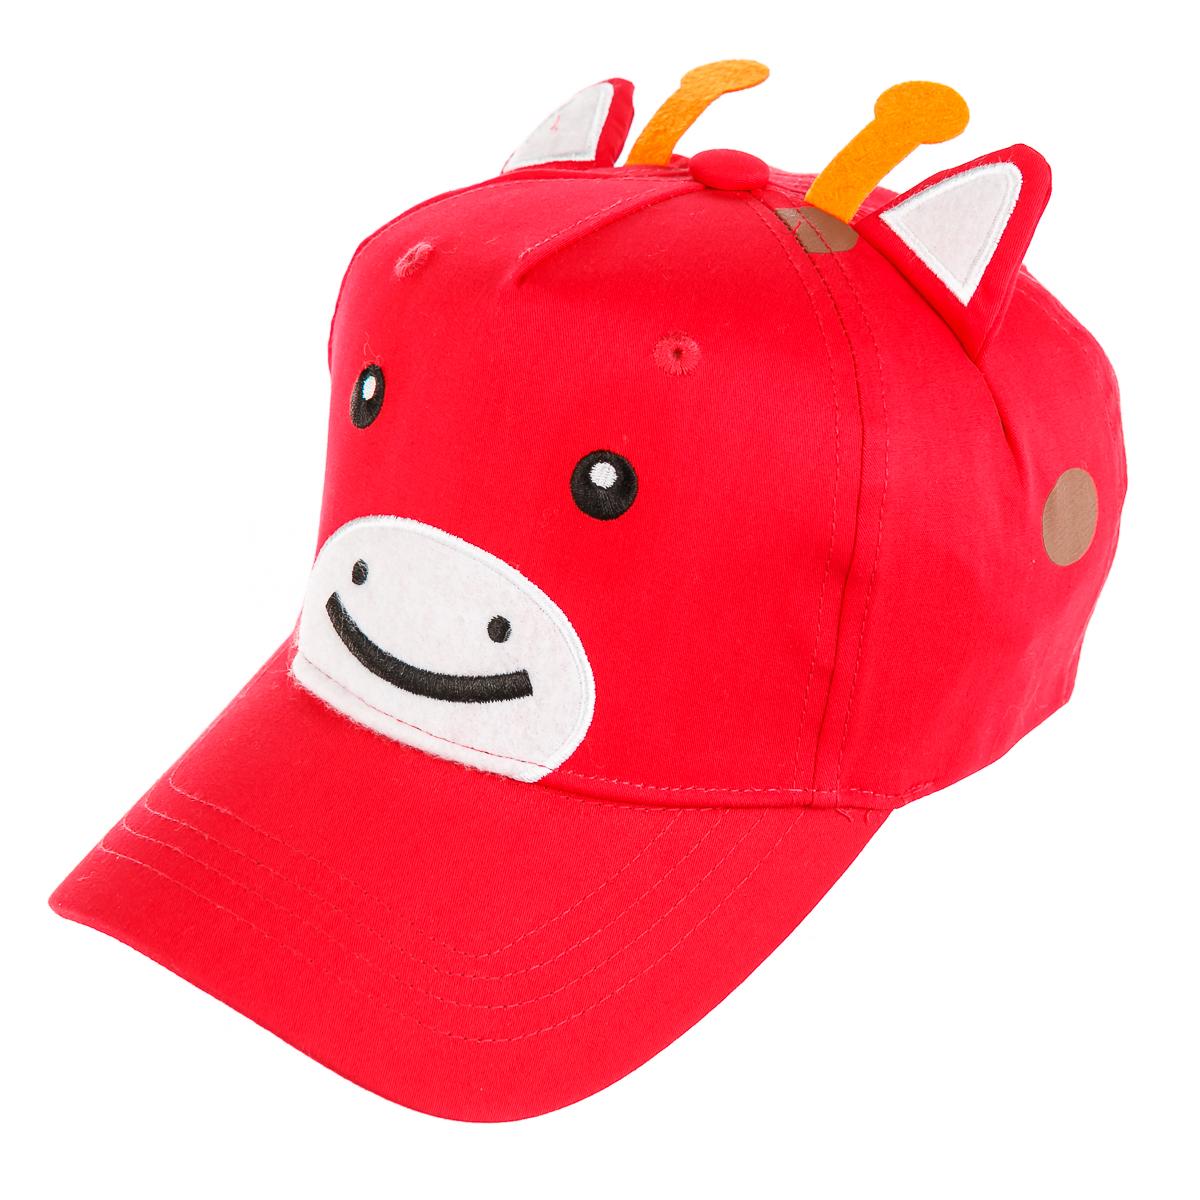 Детская кепка для прогулки, с ушками, красная